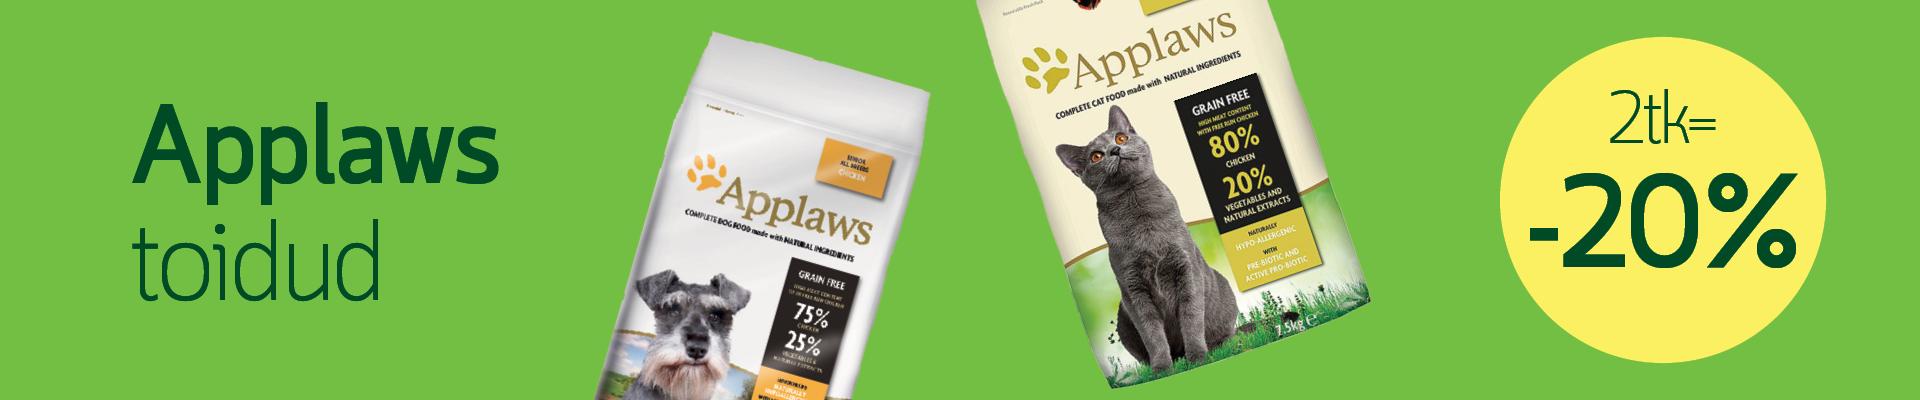 Applaws 2tk=-20%